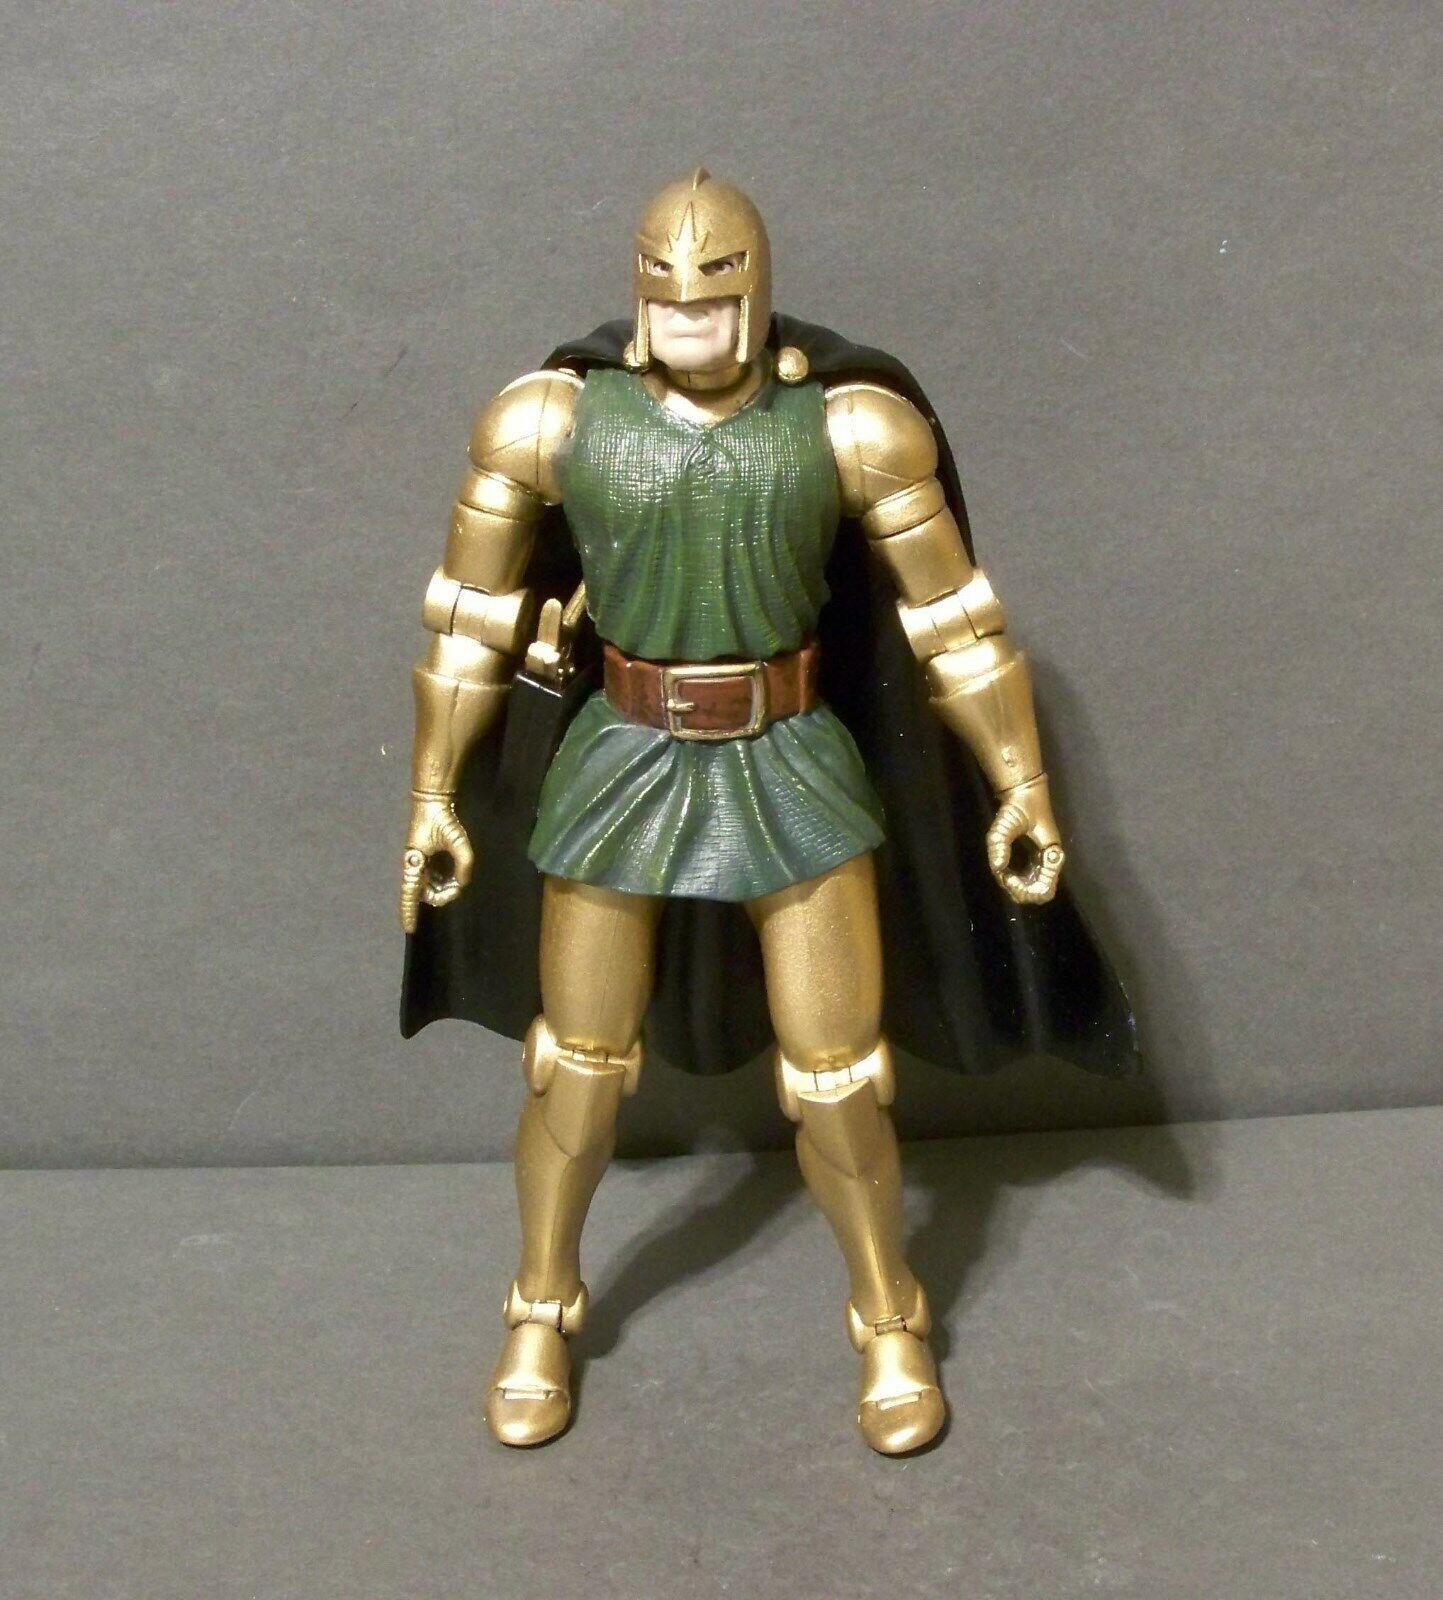 tienda de pescado para la venta Personalizado De Marvel Legends  qué pasaría si  figura figura figura de héroe Doctor Doom  promociones de descuento